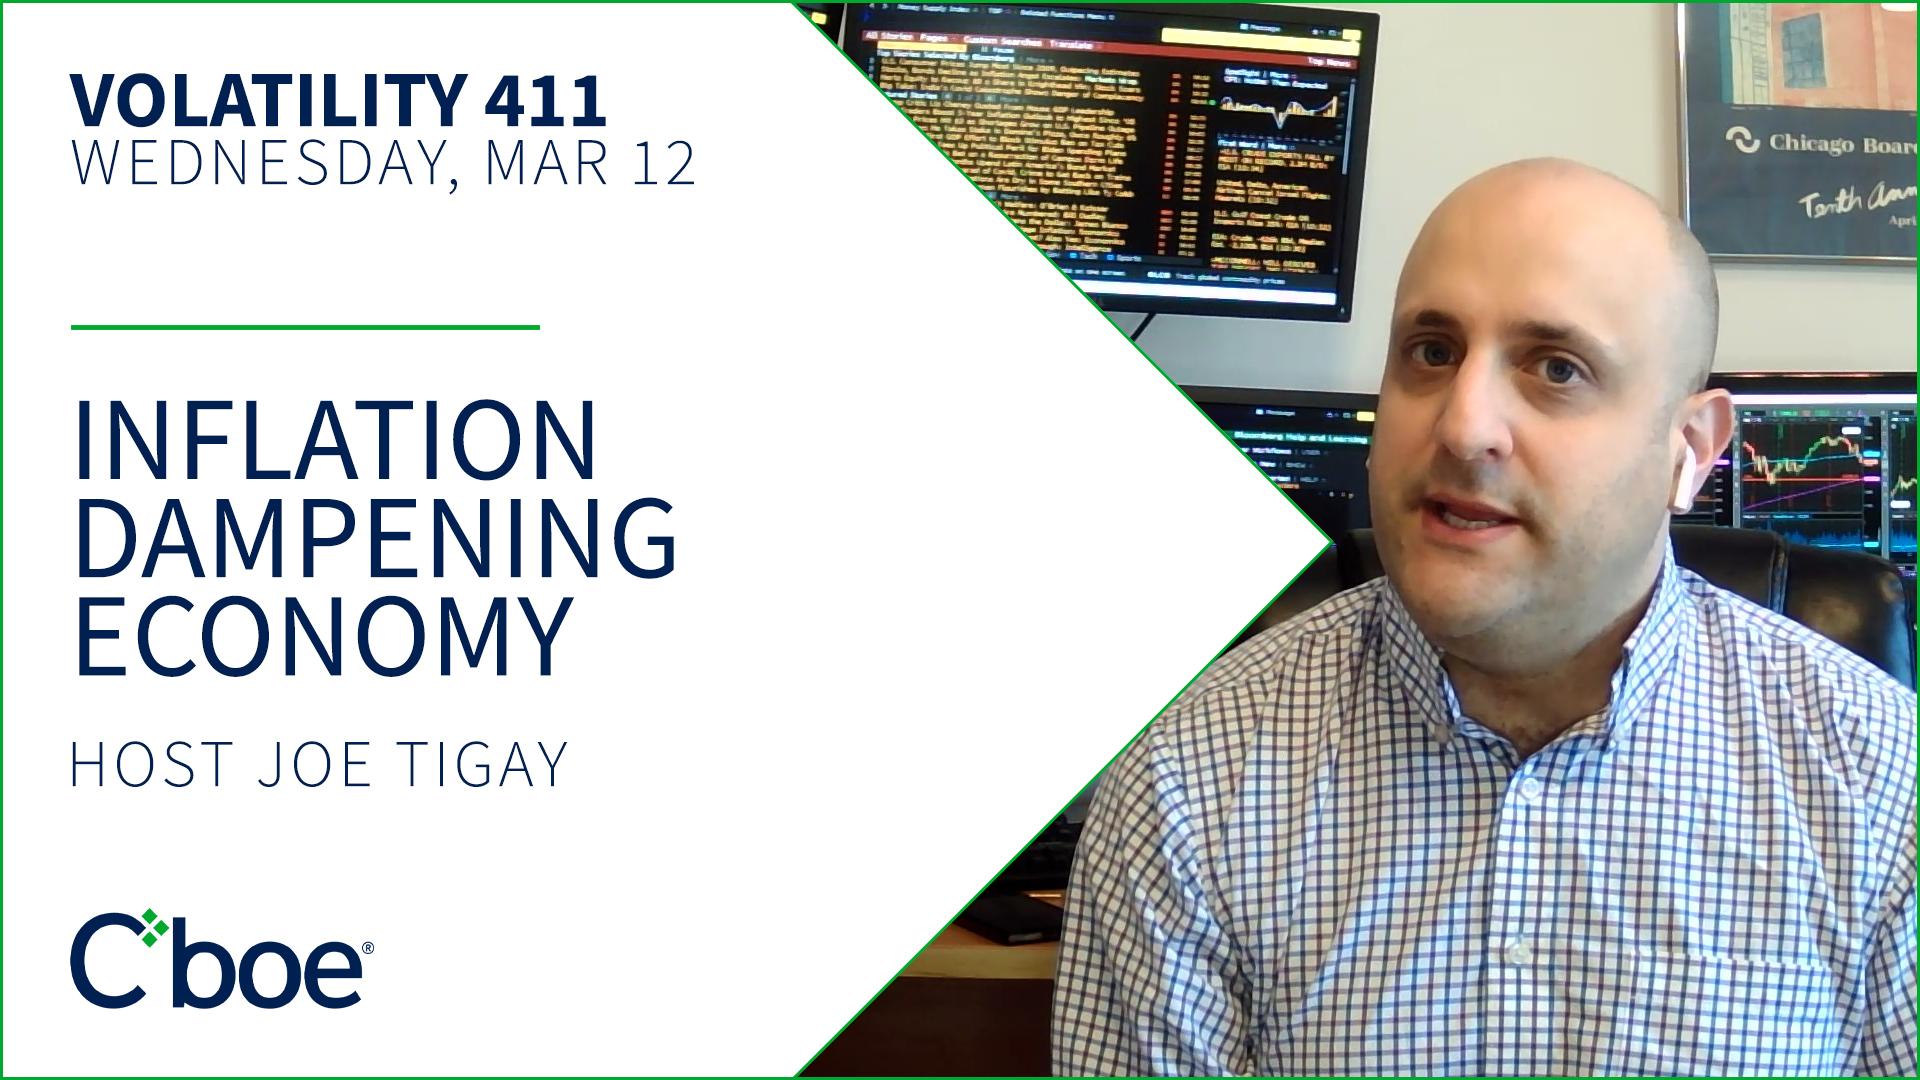 Inflation Dampening Economy Thumbnail